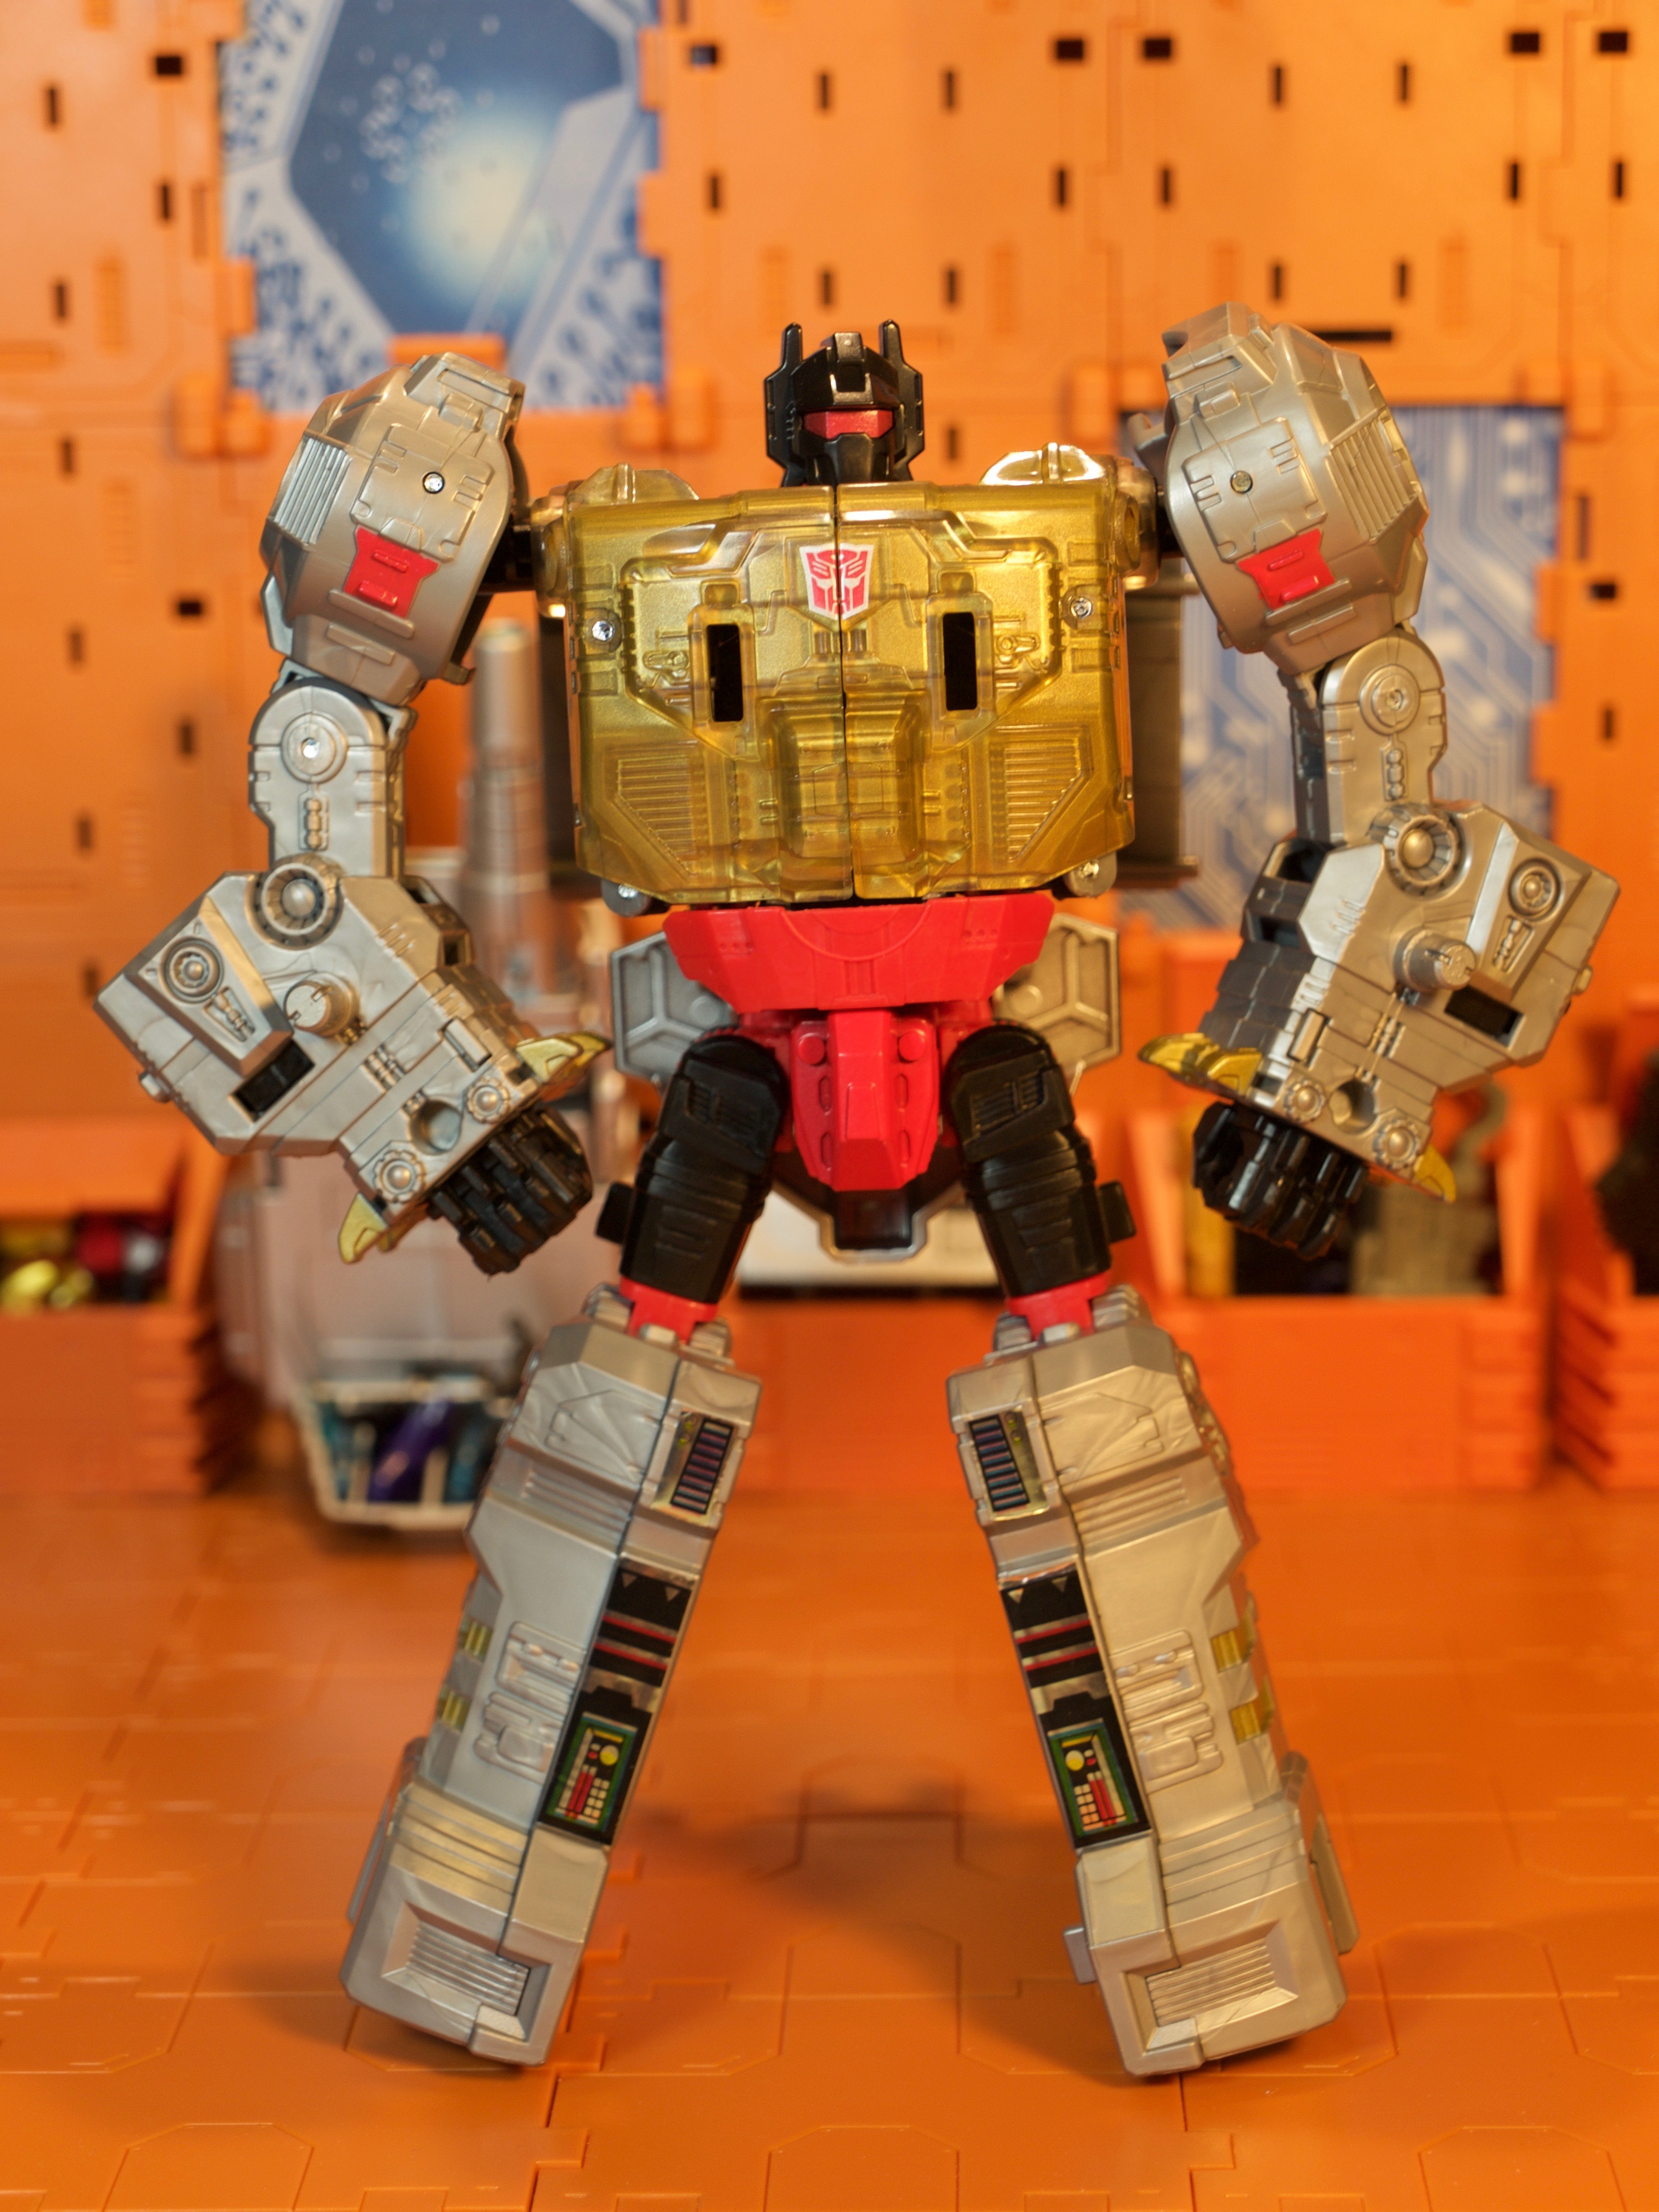 Grimlock robot mode